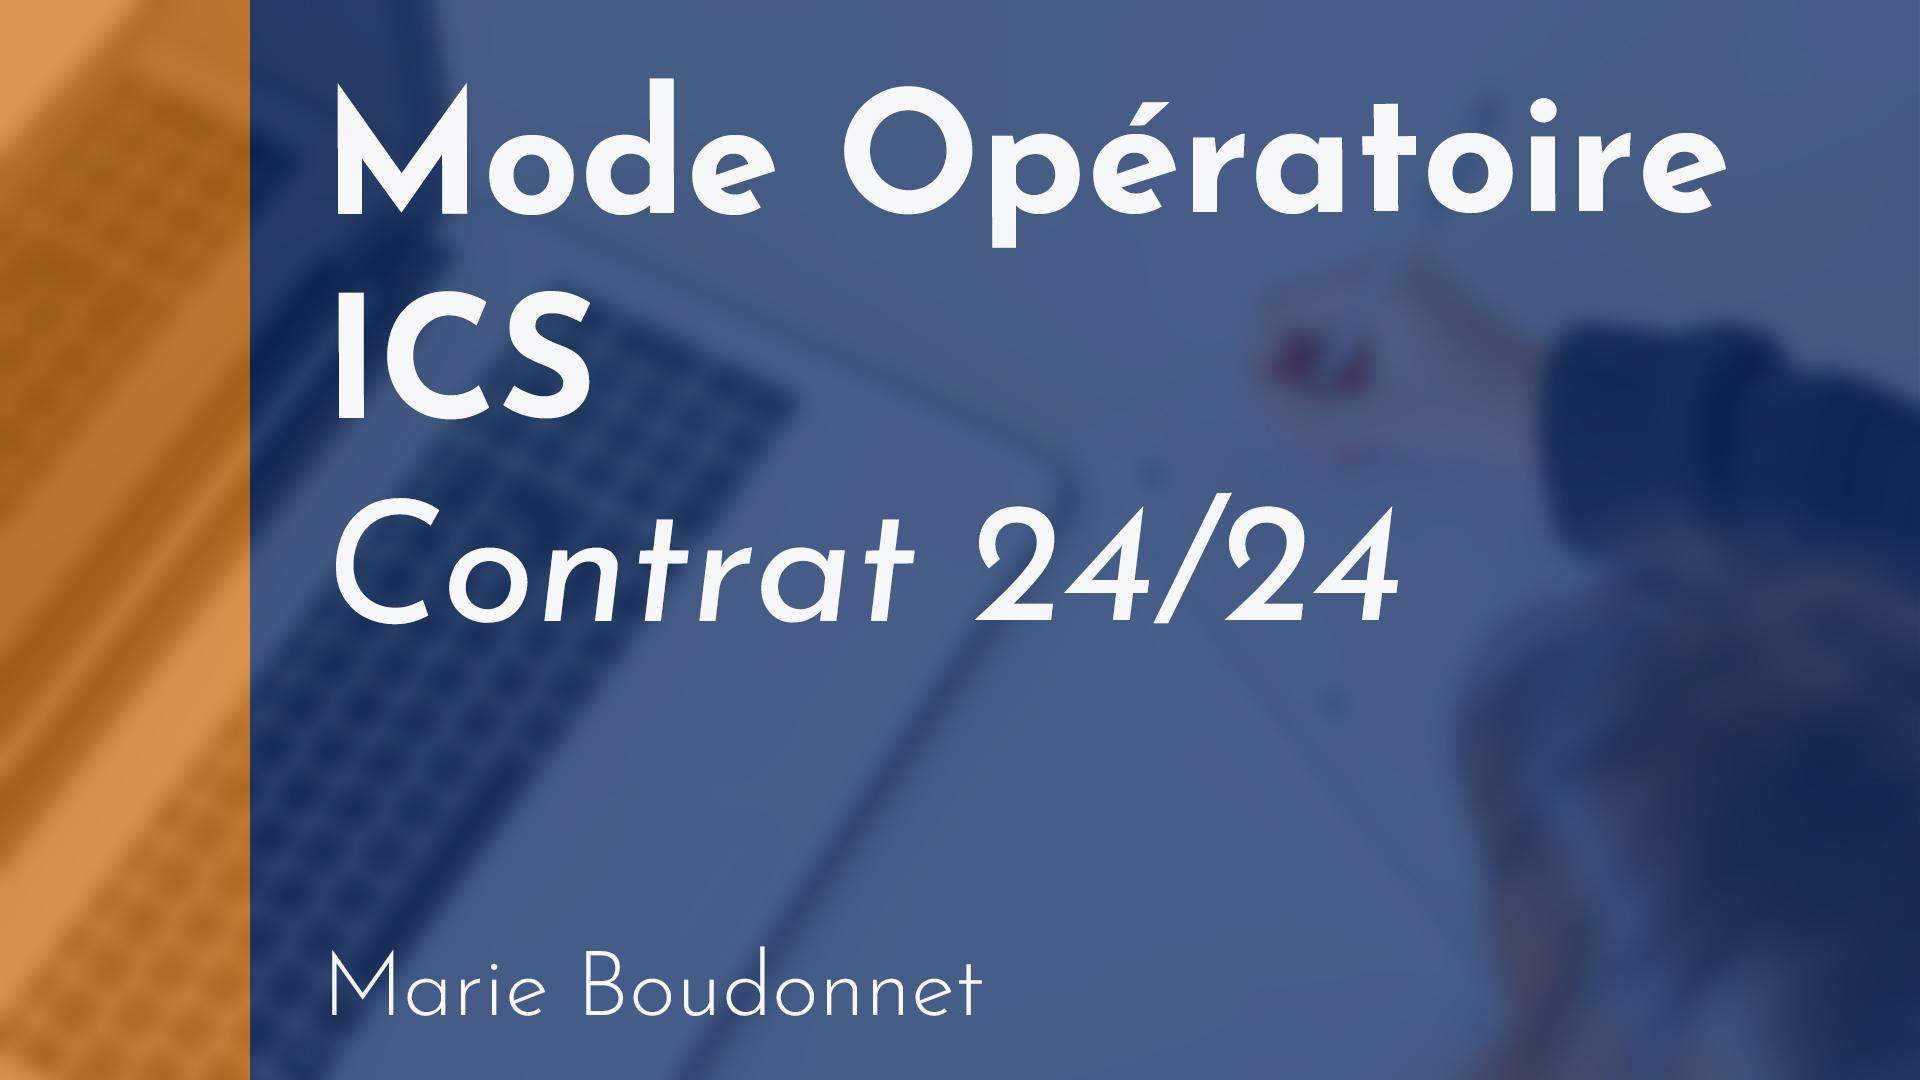 Copropriété - Mode opératoire ICS - contrat 24/24